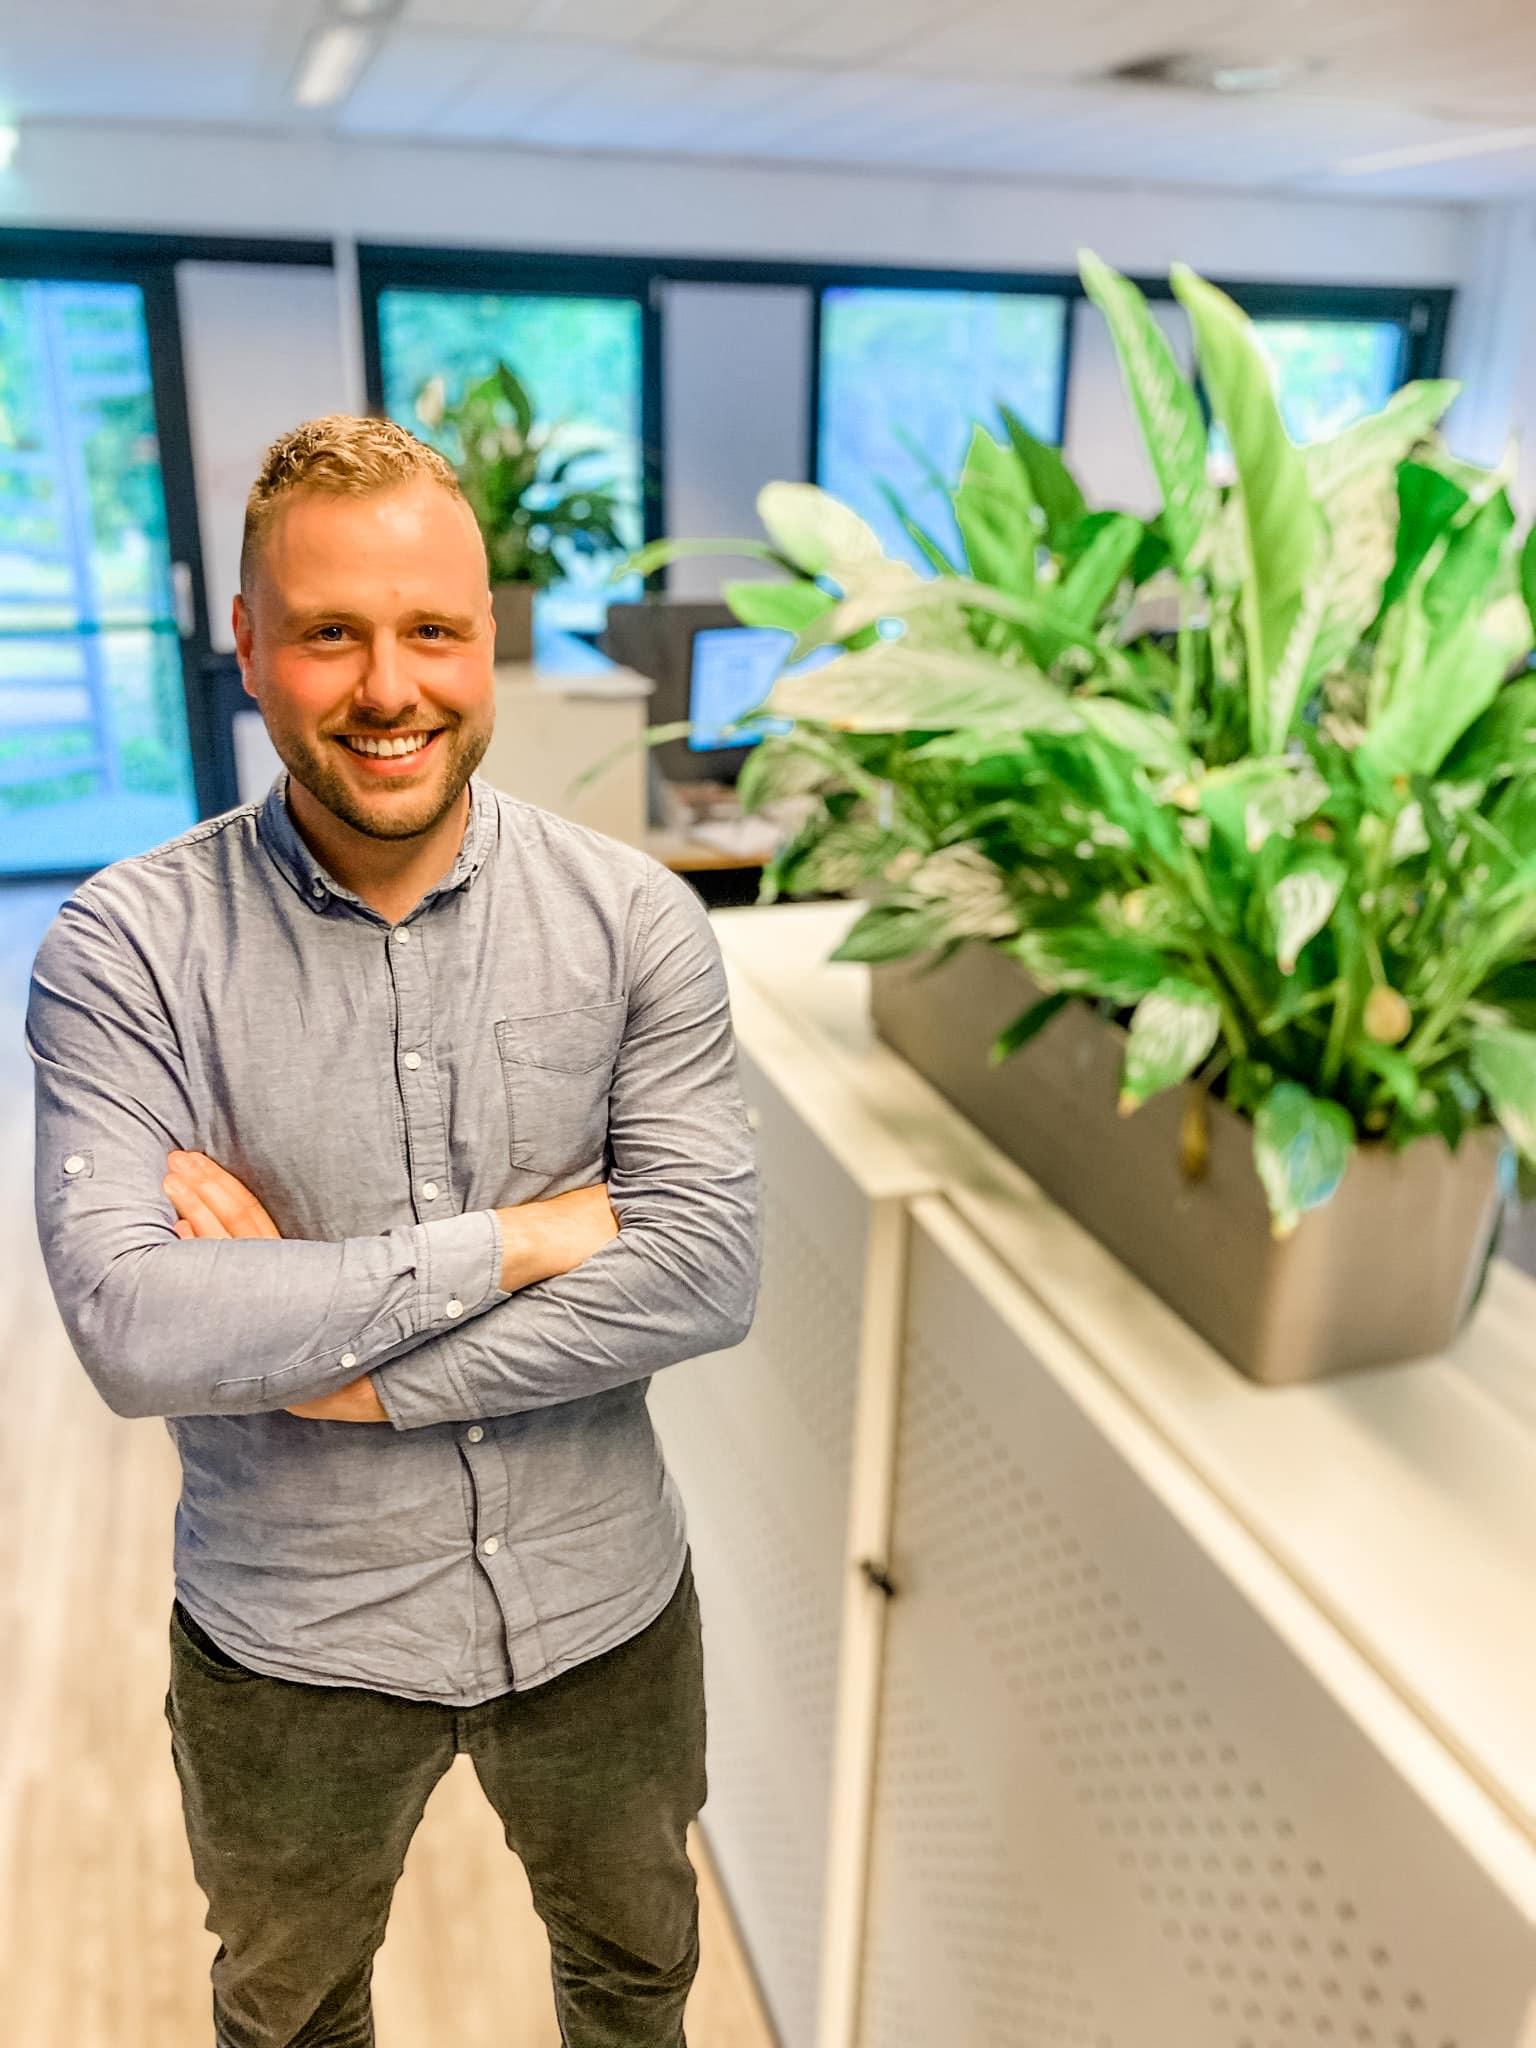 Maarten goosink van Quality contacts